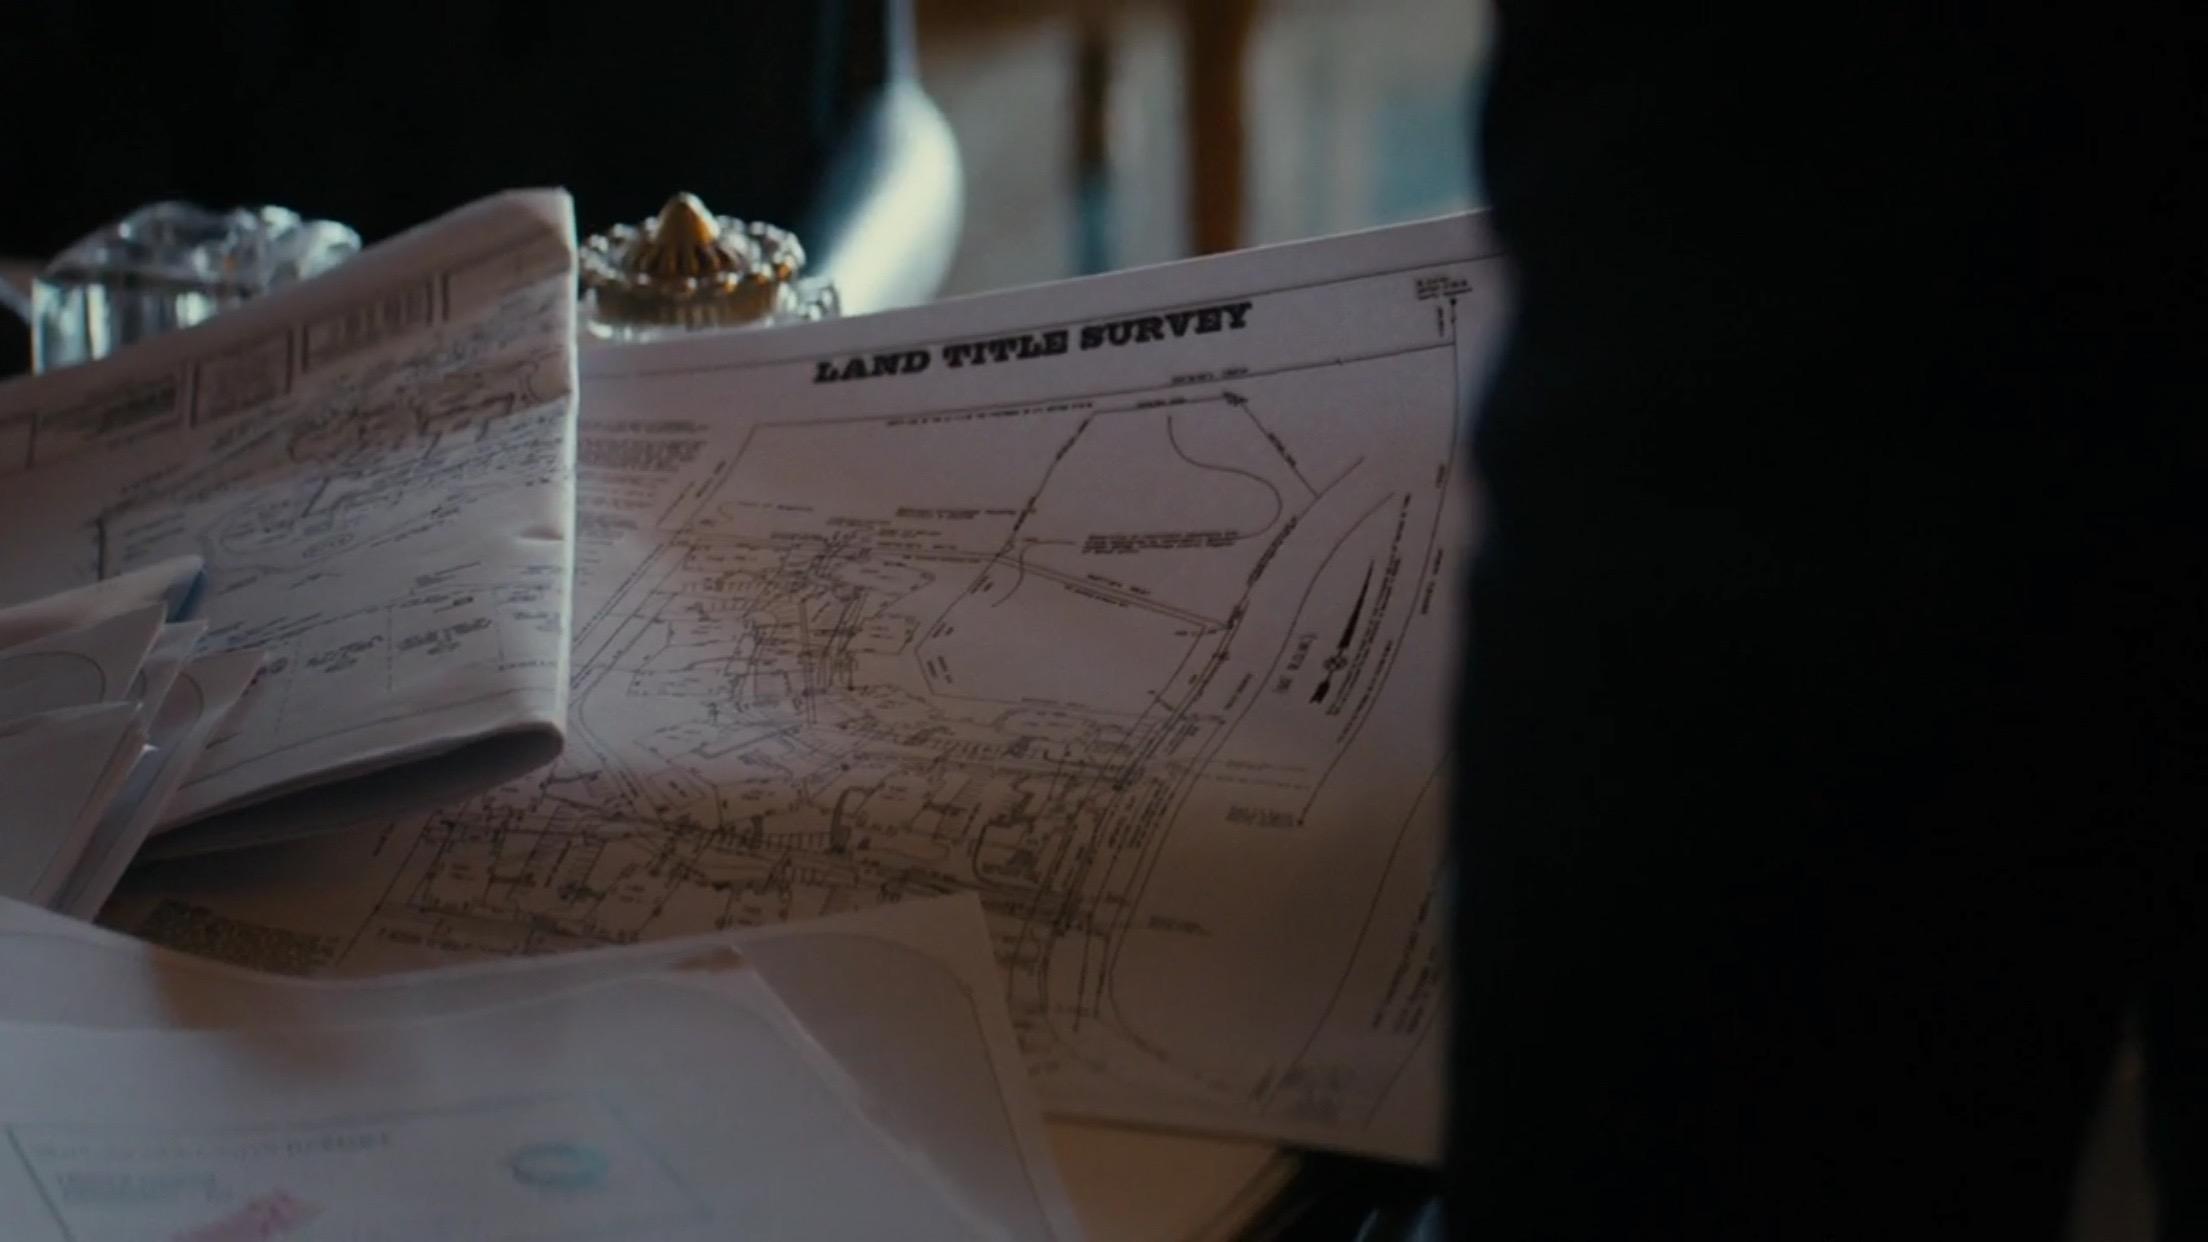 A land title survey